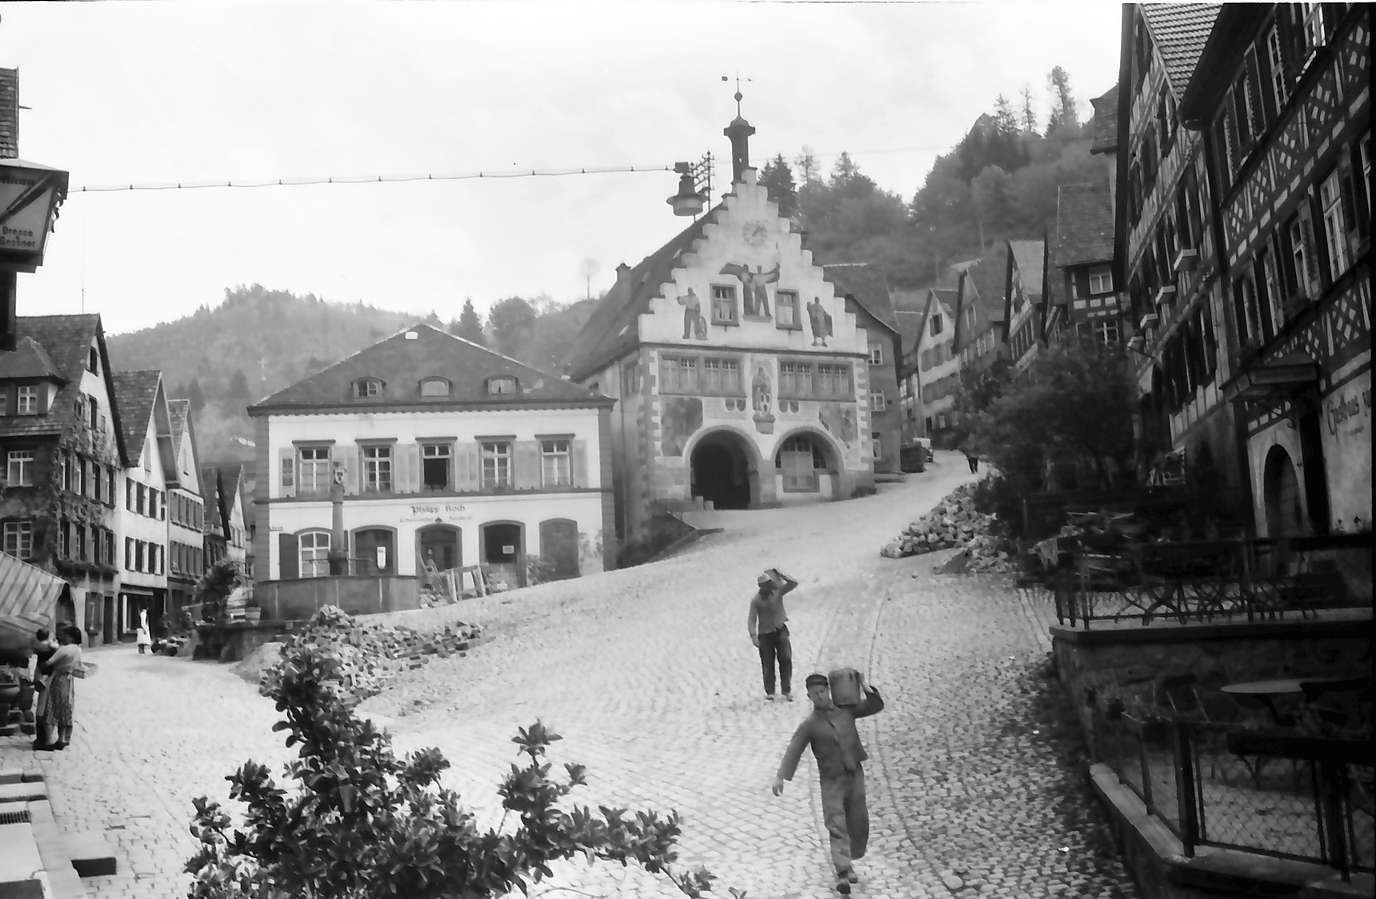 Schiltach: Marktplatz und Rathaus, Bild 1